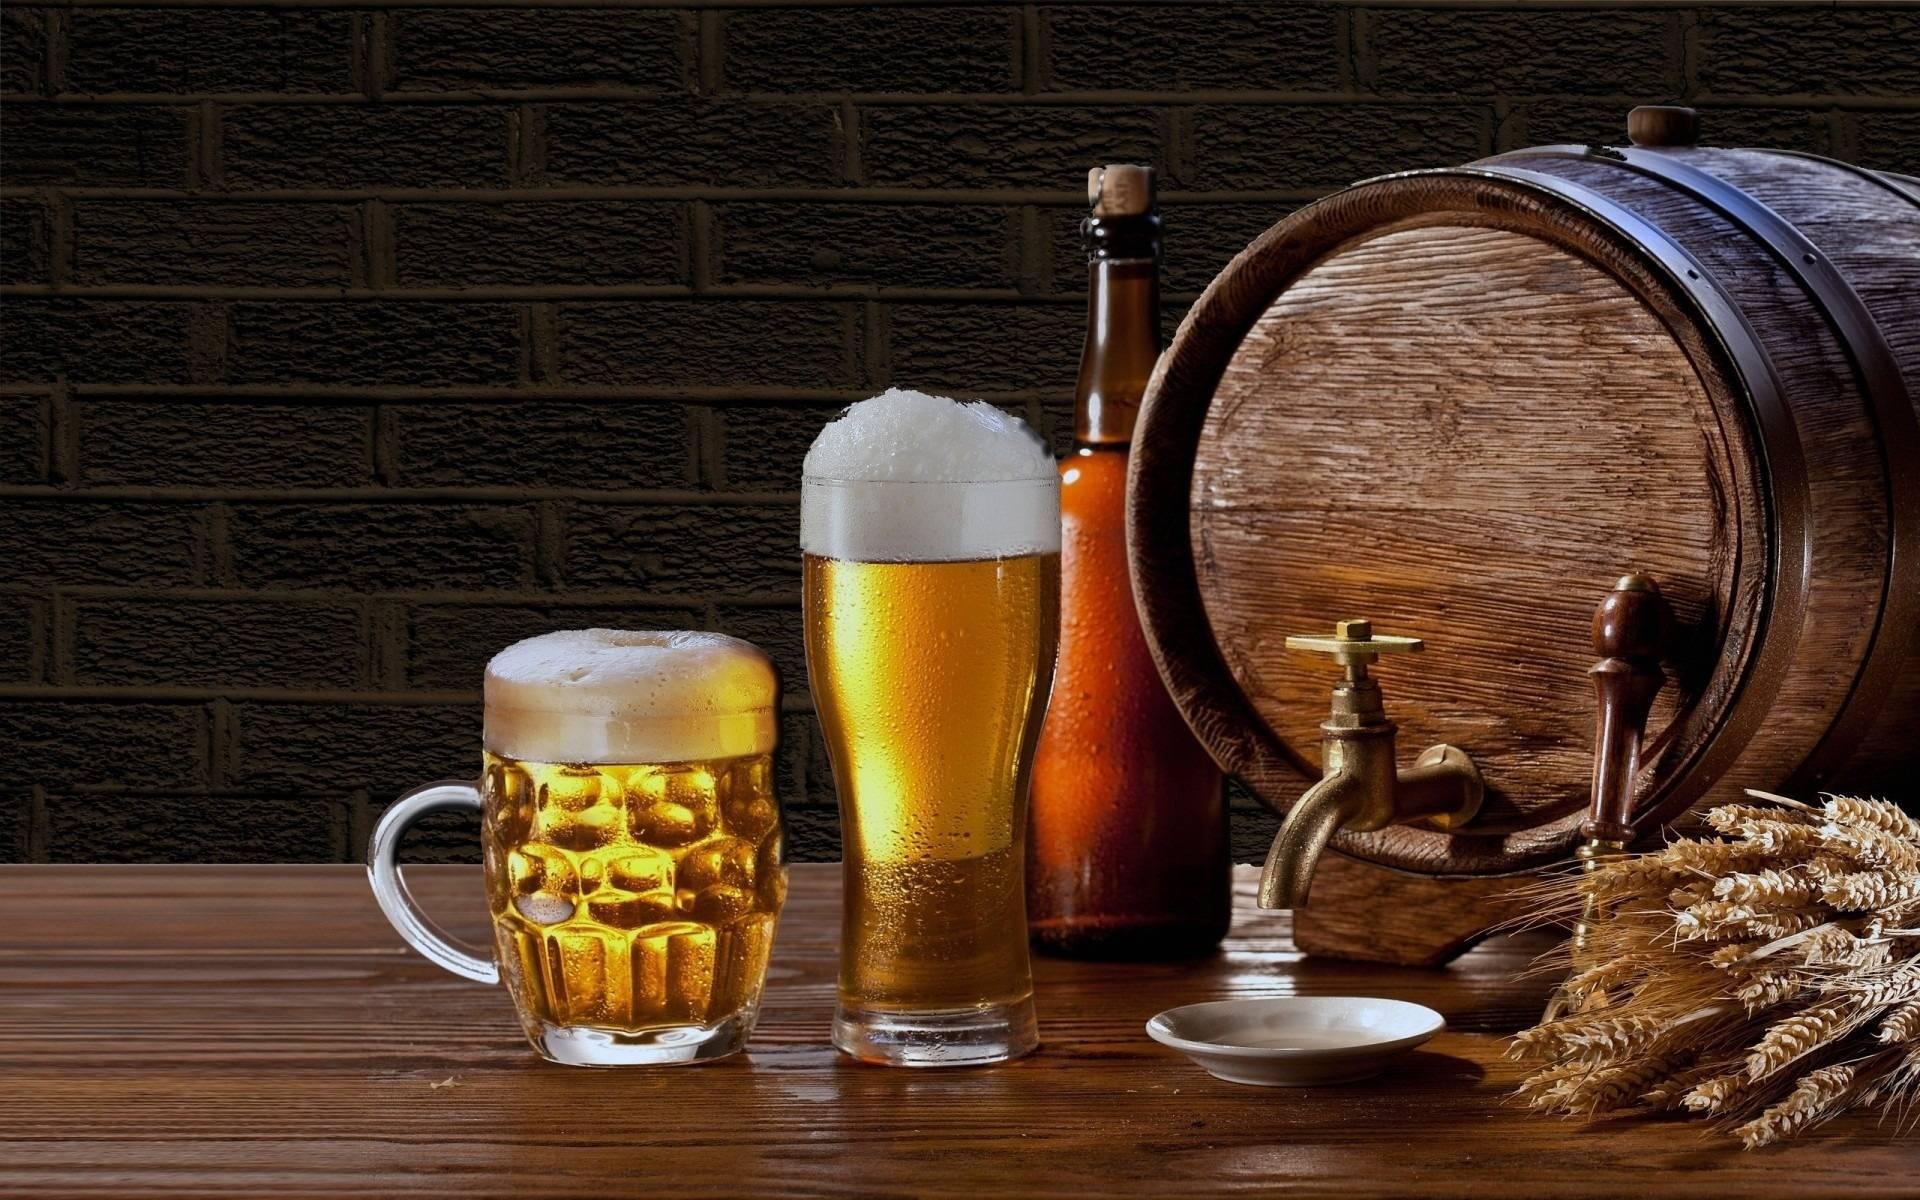 Работник пивной точки раскрывает секреты: «никогда непокупайте пиво нарозлив» – ? женские секреты